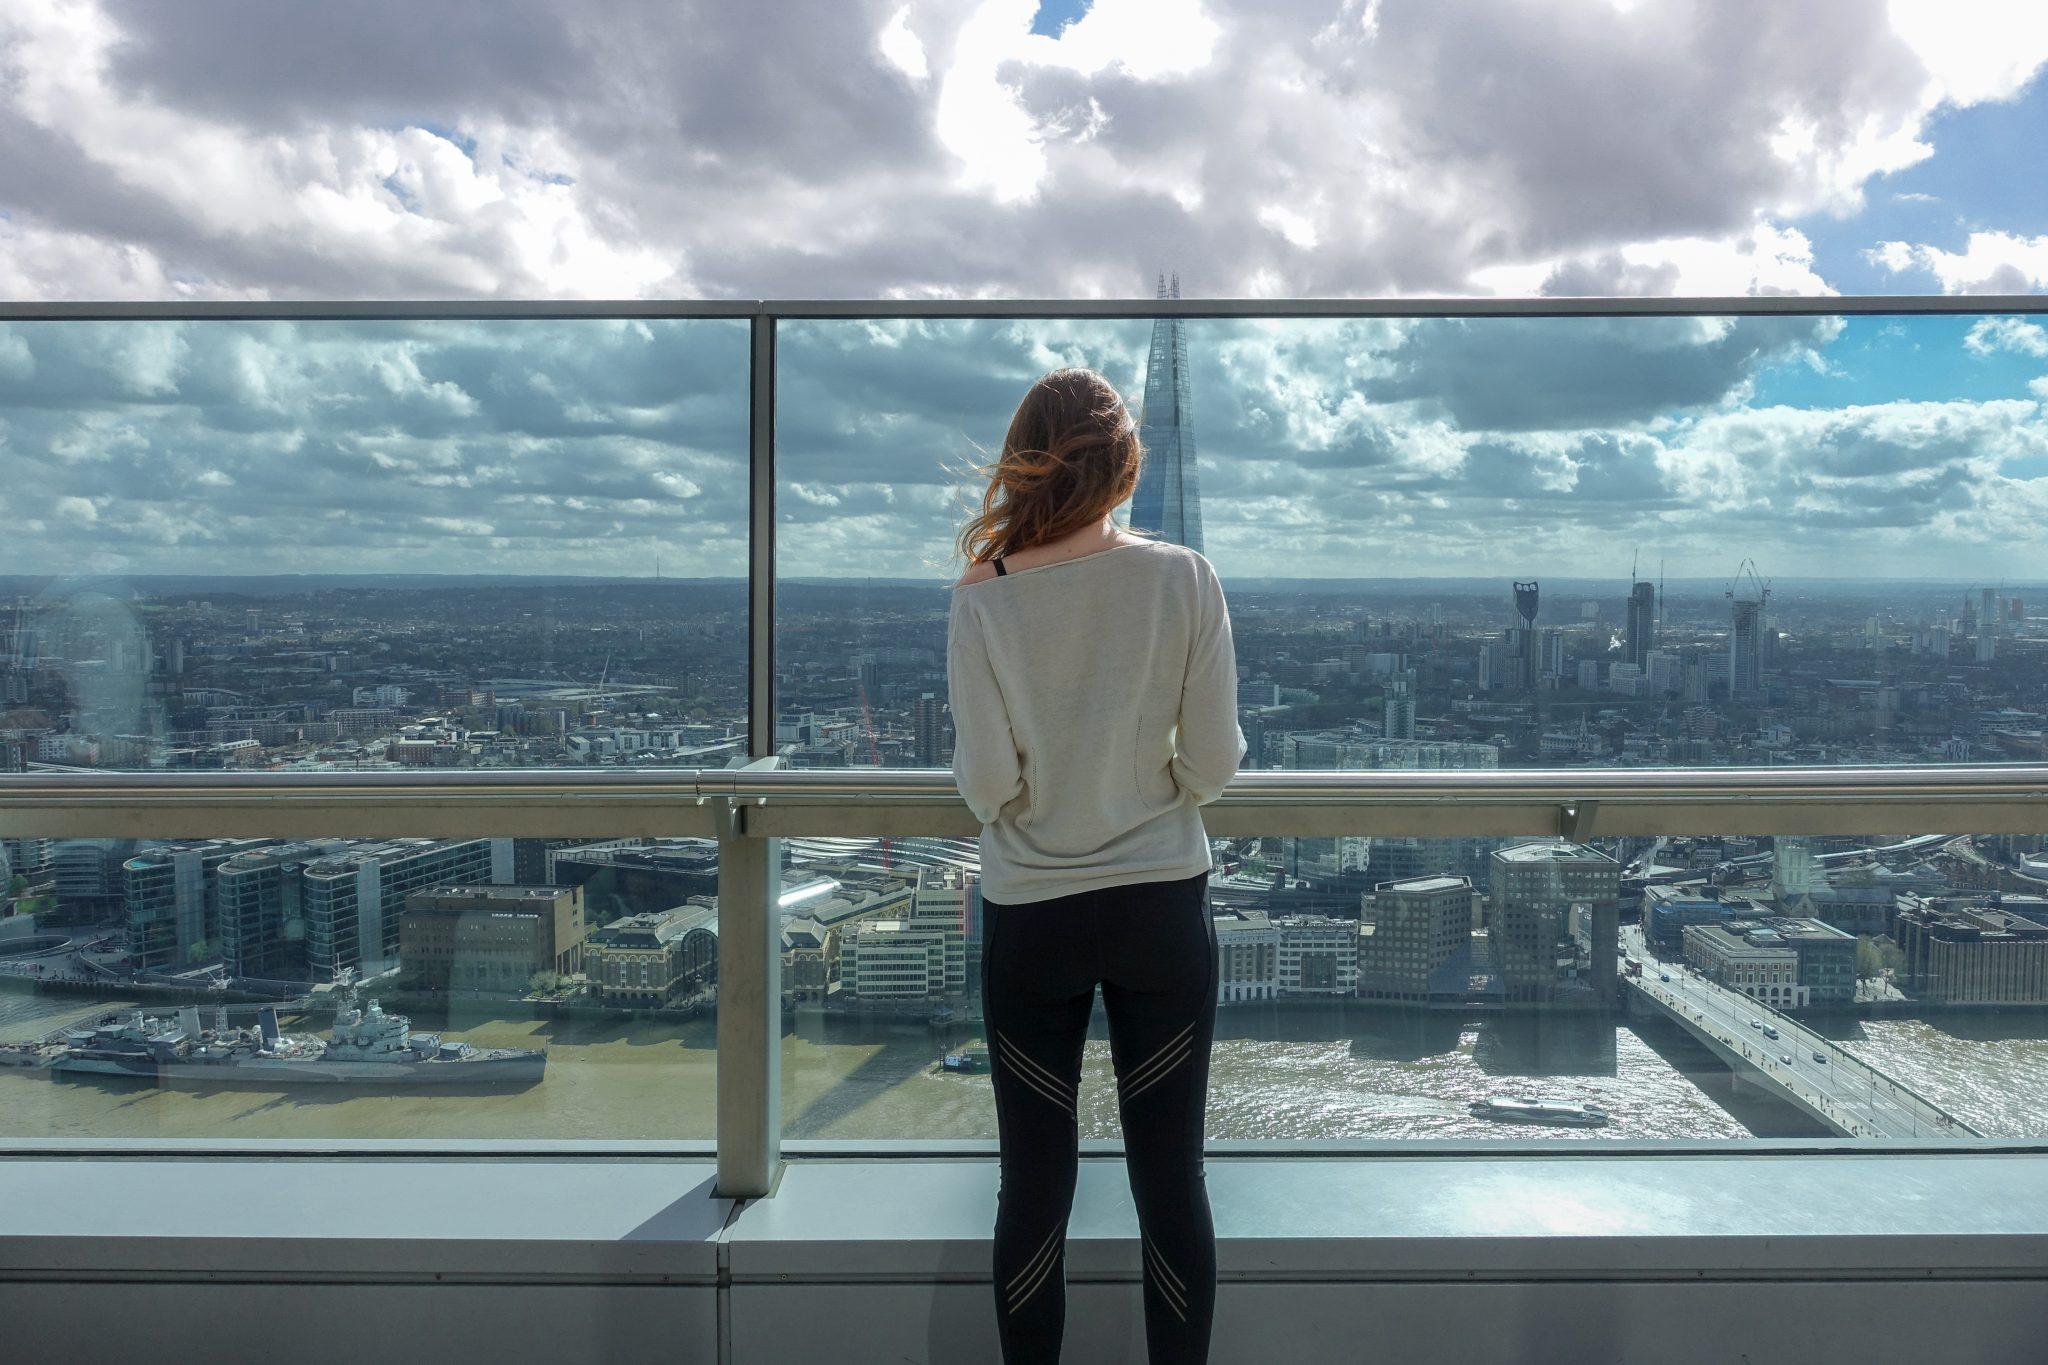 Wie-du-die-schönste-aussicht-londons-kostenlos-bekommst-sky-garden-luise